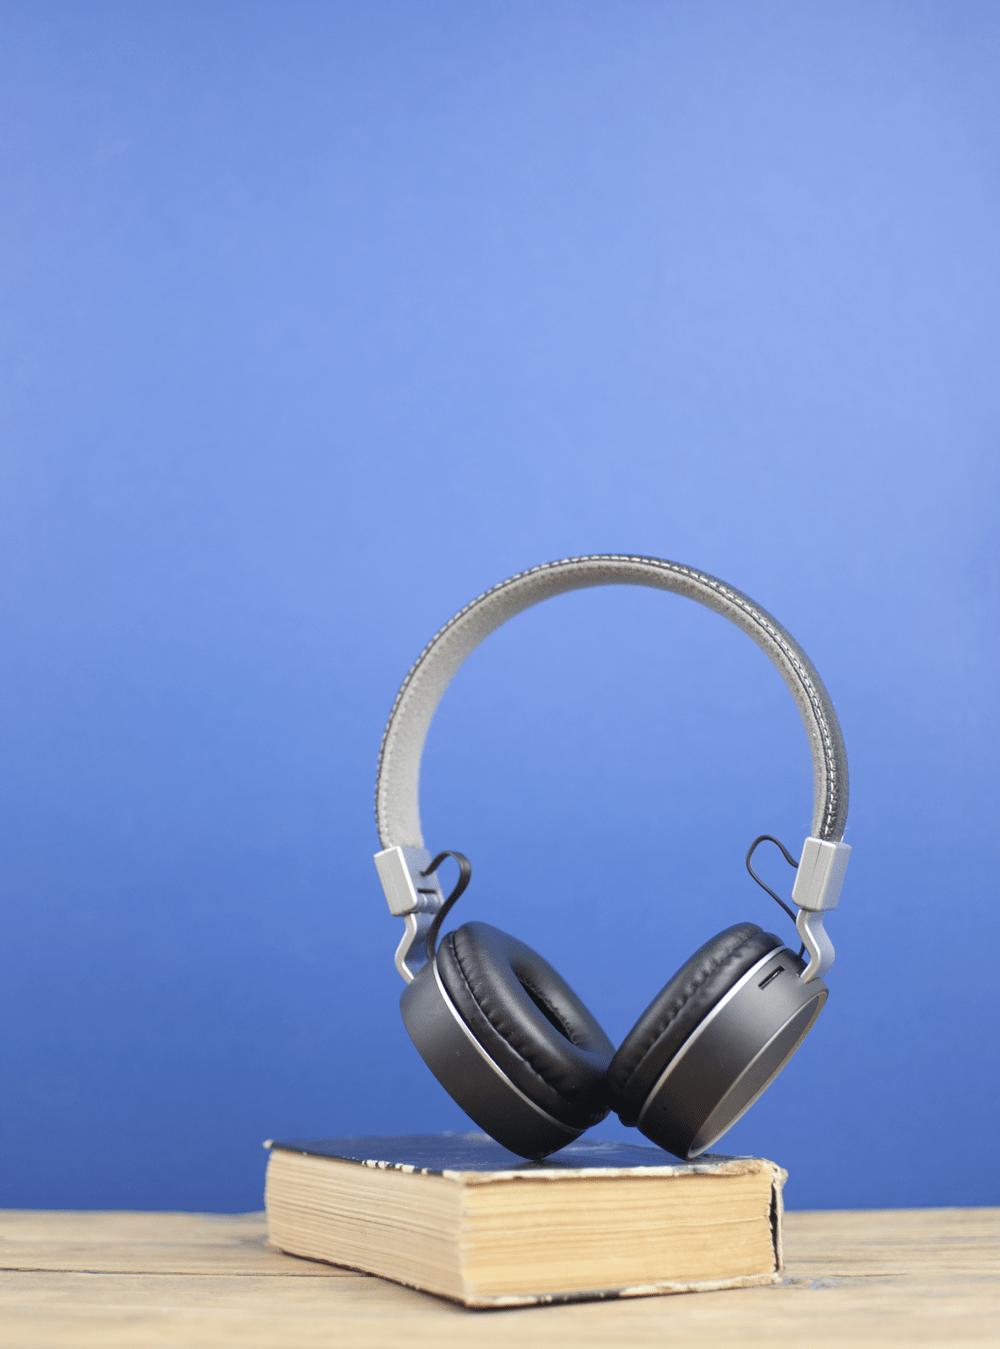 Kaltakquise zum Hören auf GuerrillaFM